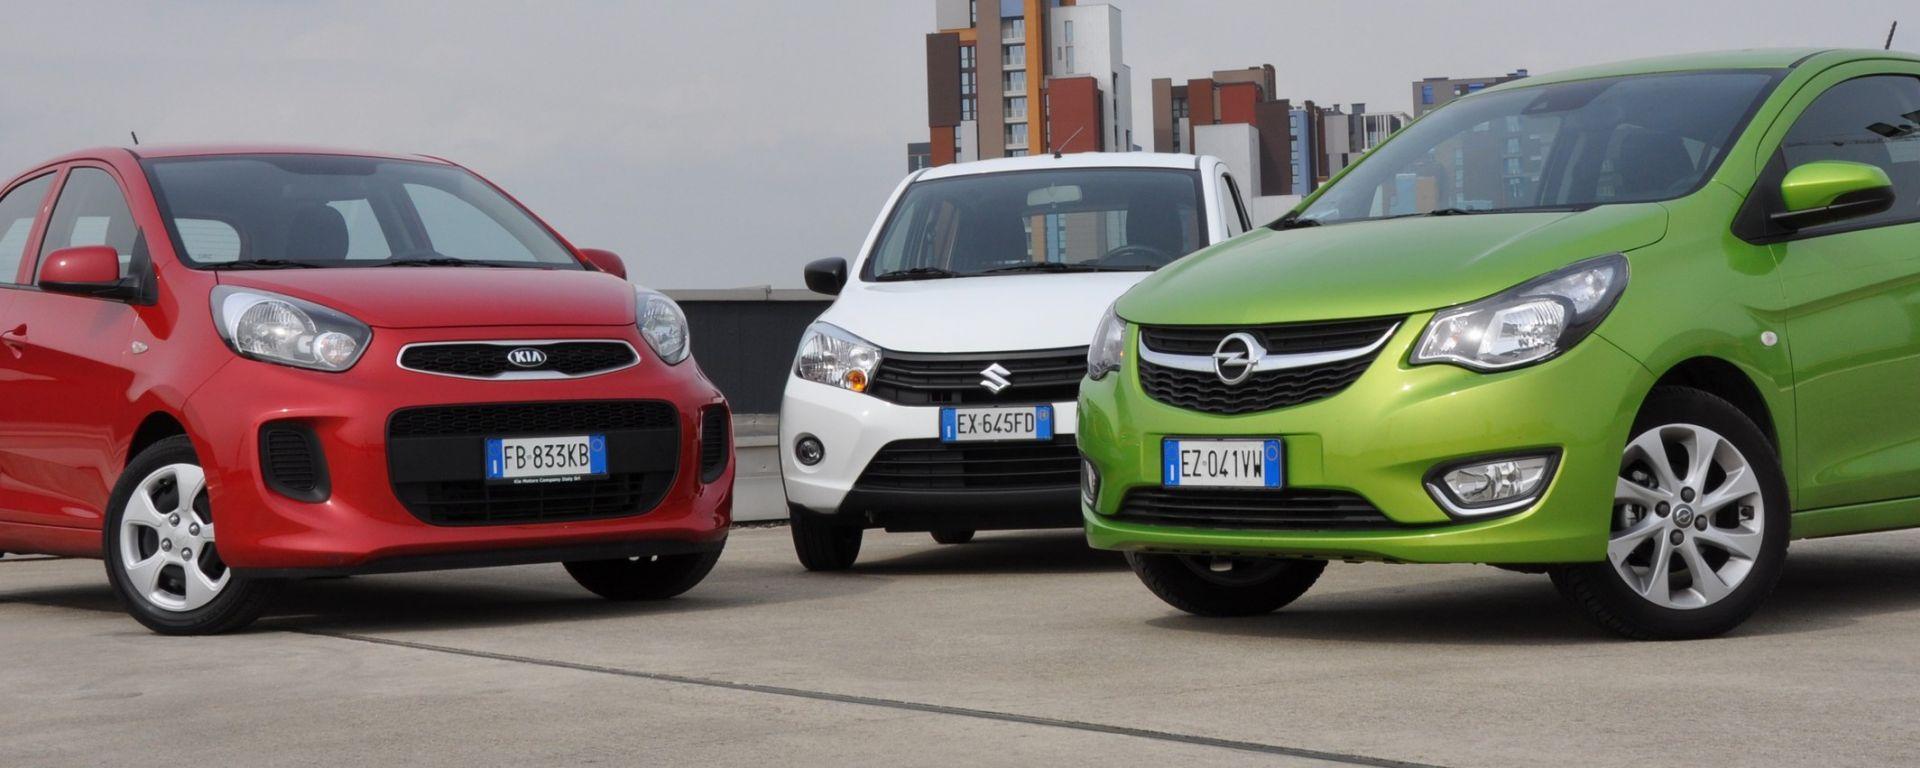 KIA Picanto 2016 vs Opel Karl vs Suzuki Celerio